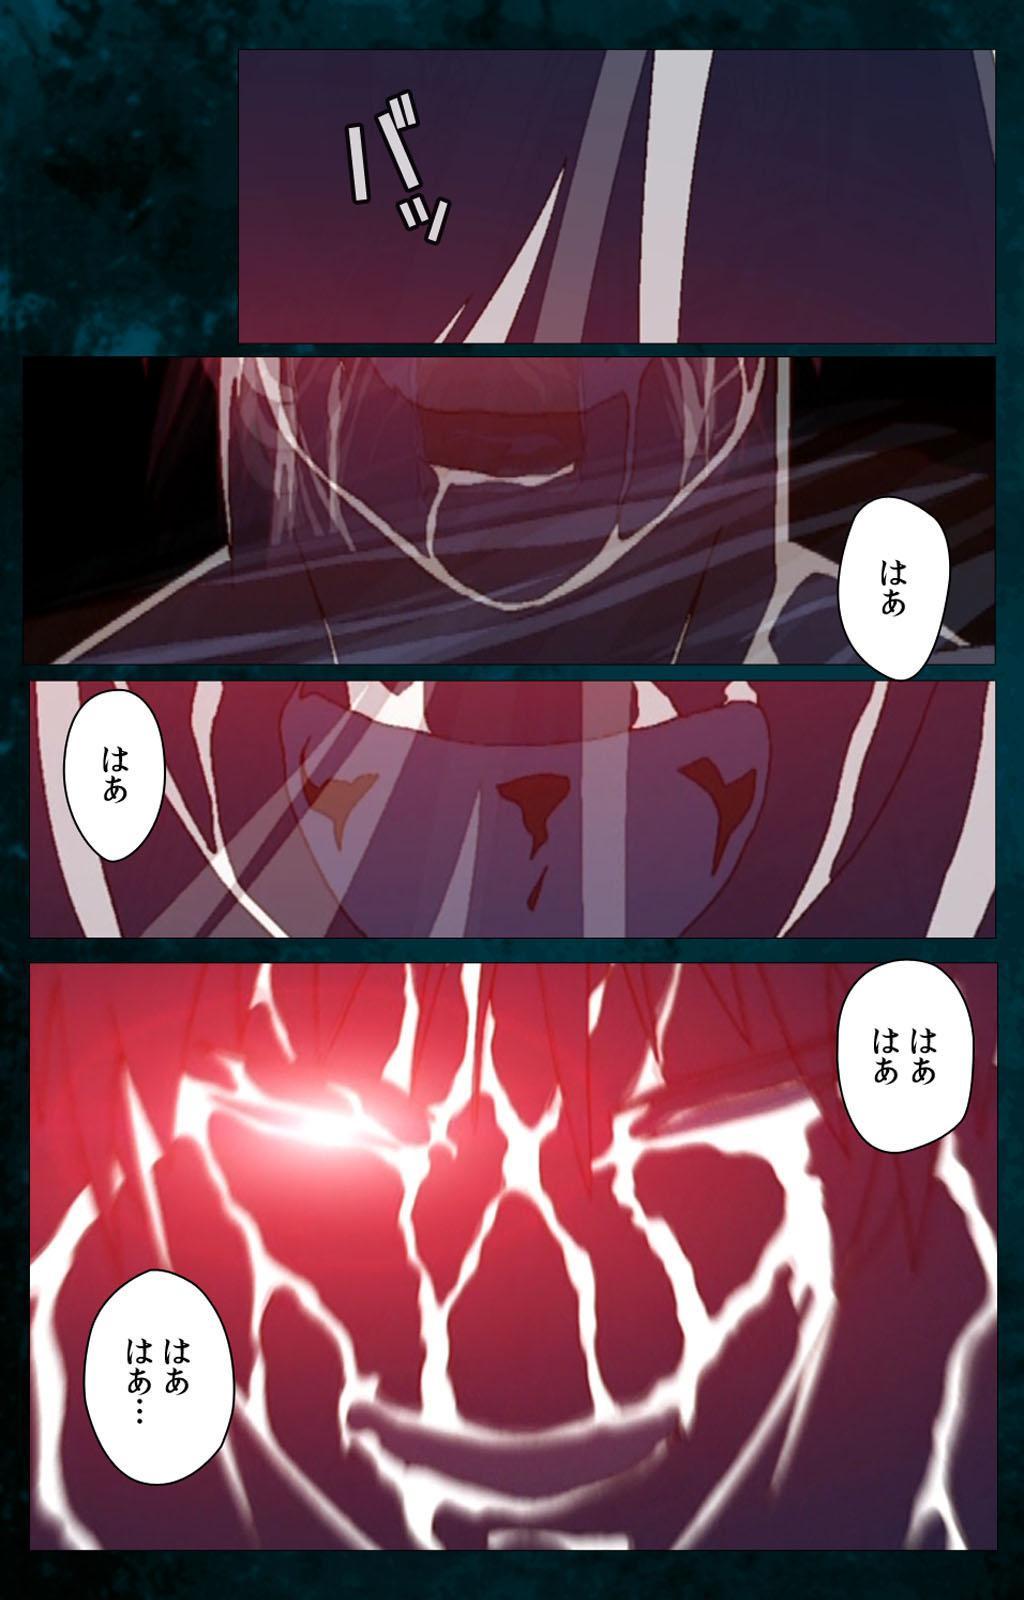 Gibo kanzenhan 12